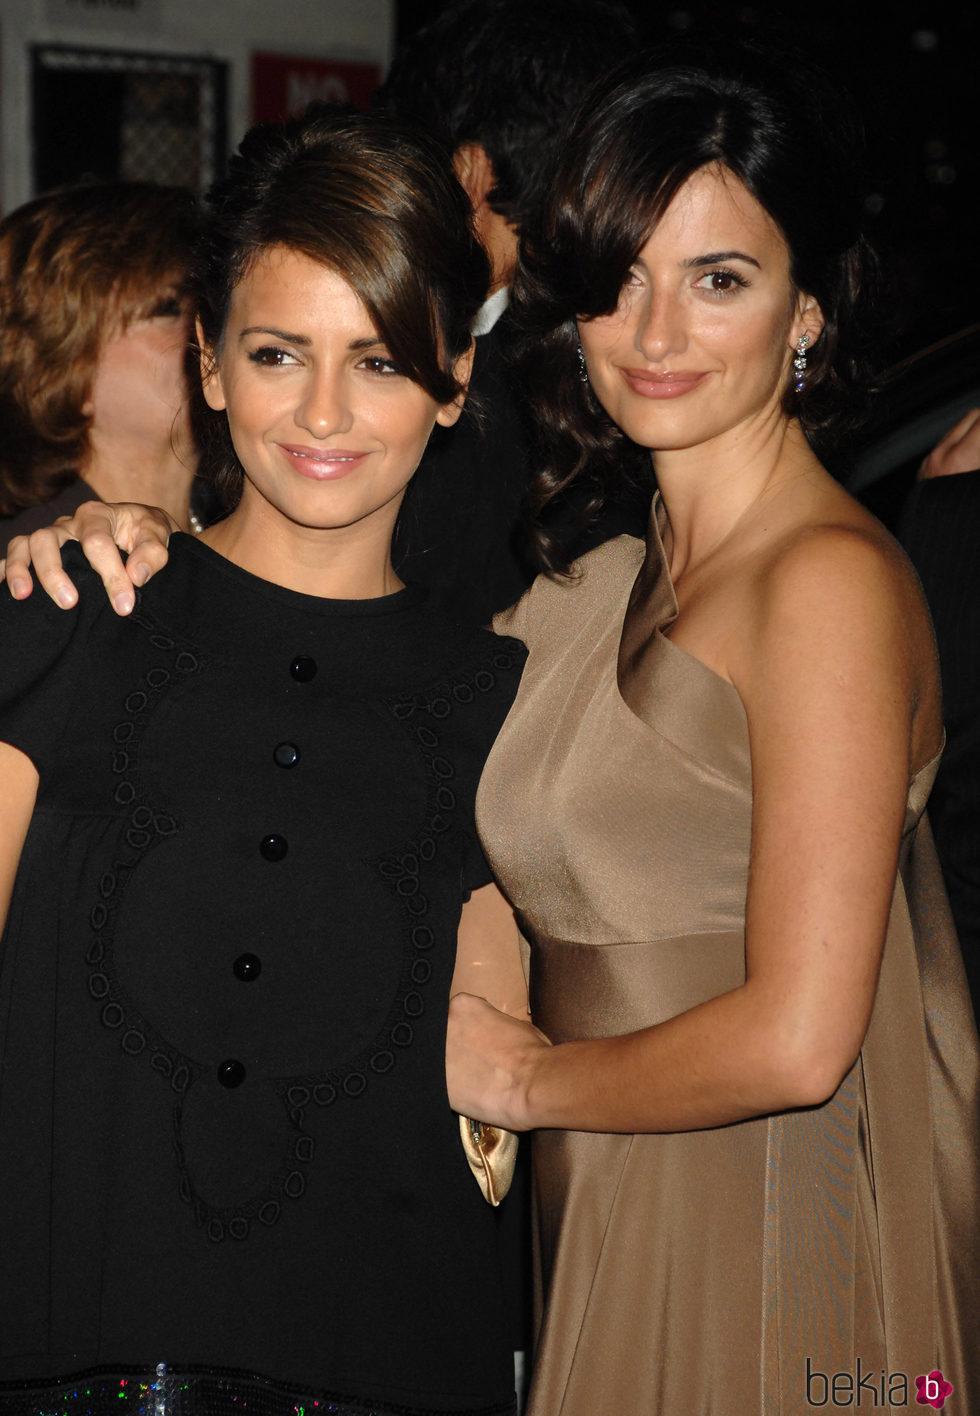 Mónica Cruz y Penélope Cruz en la gala Pre-Oscars 2007